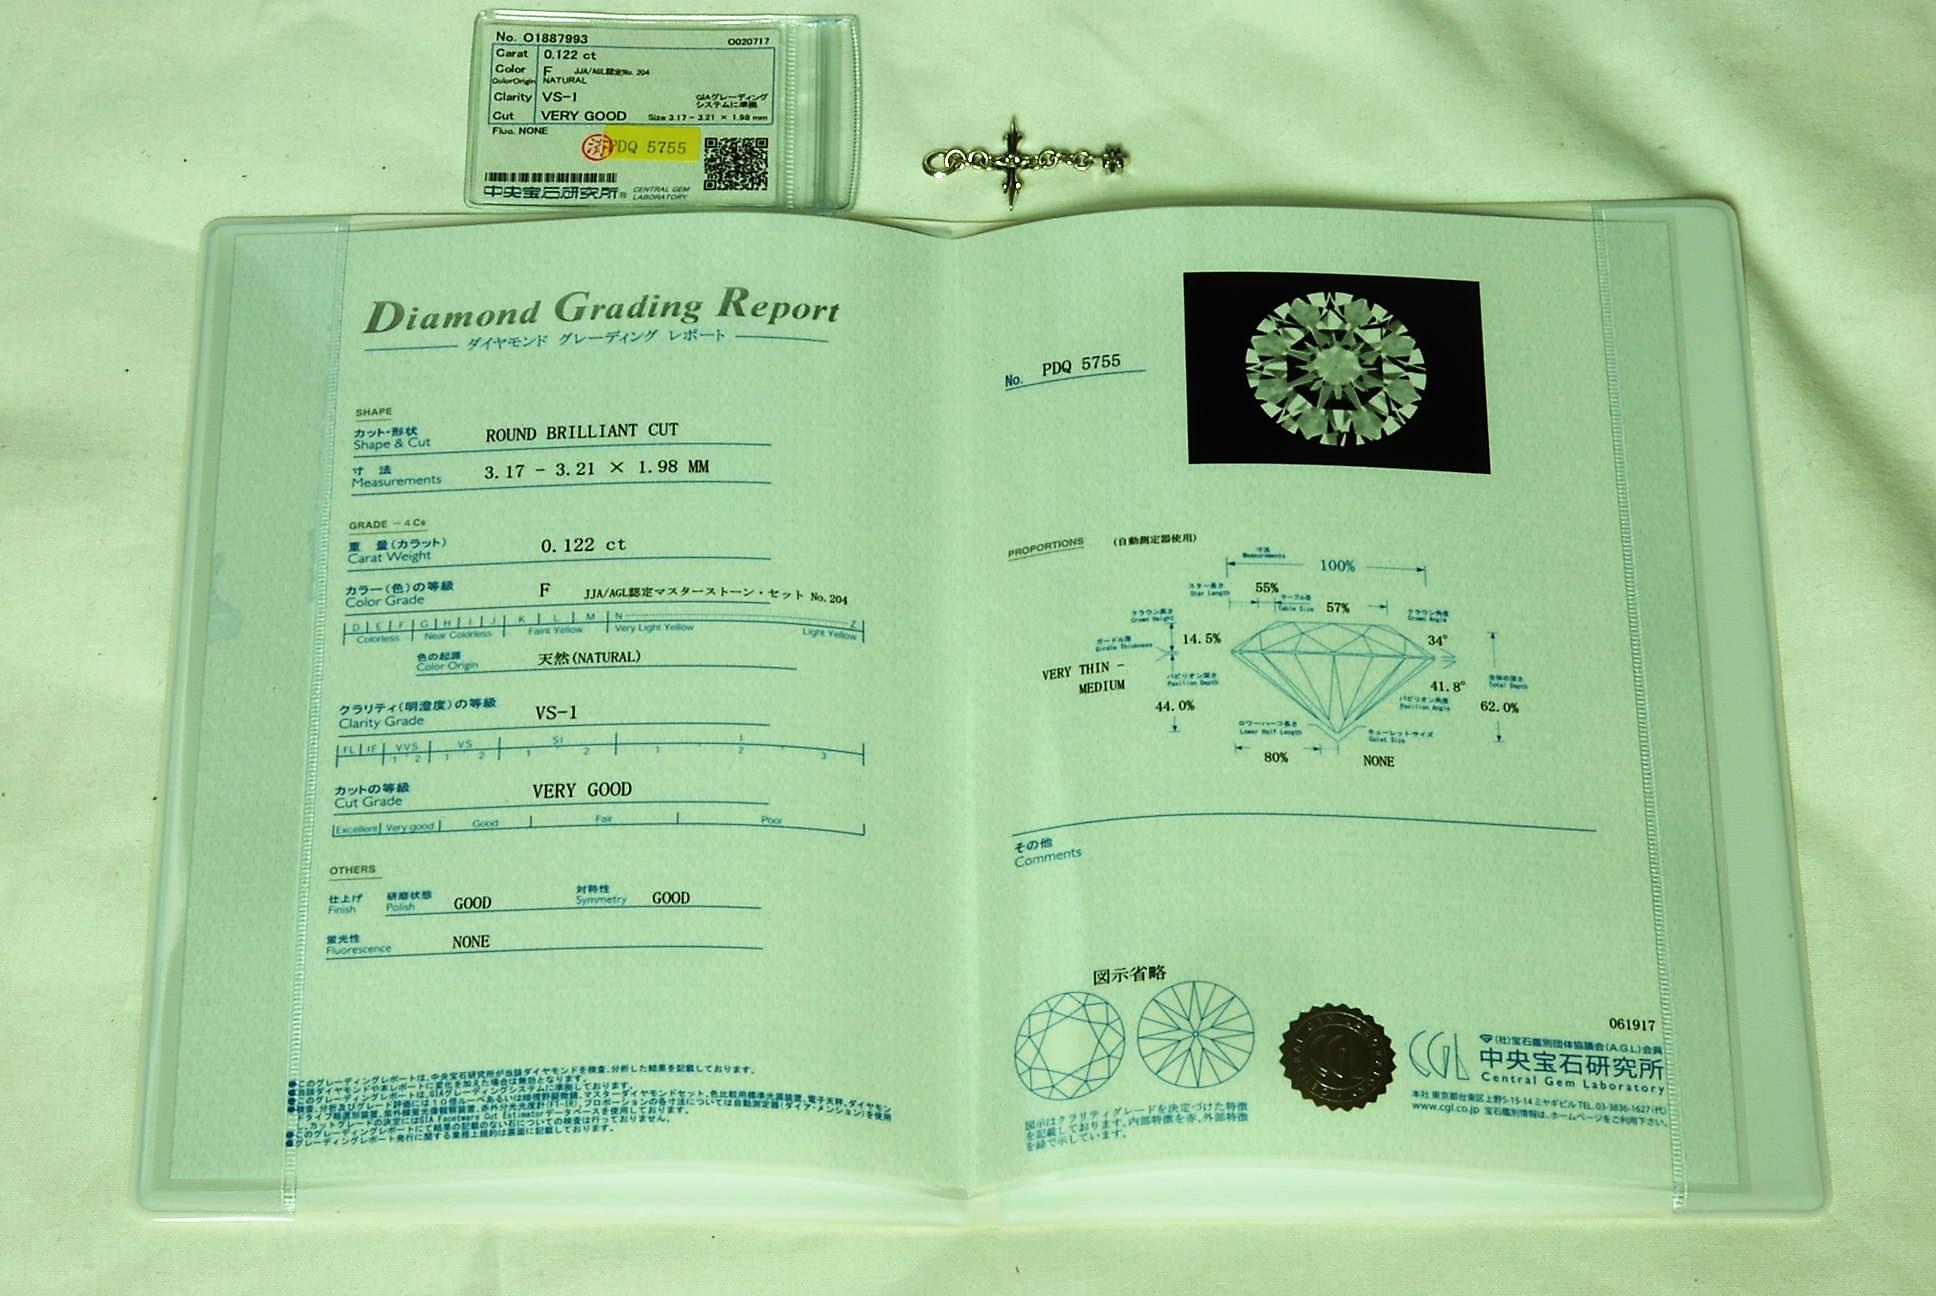 ダイヤモンドのクラスを証明する宝石鑑定書です。0.122カラット、Fカラー、VS1クラリティー、ベリーグッドカットと記載されています。